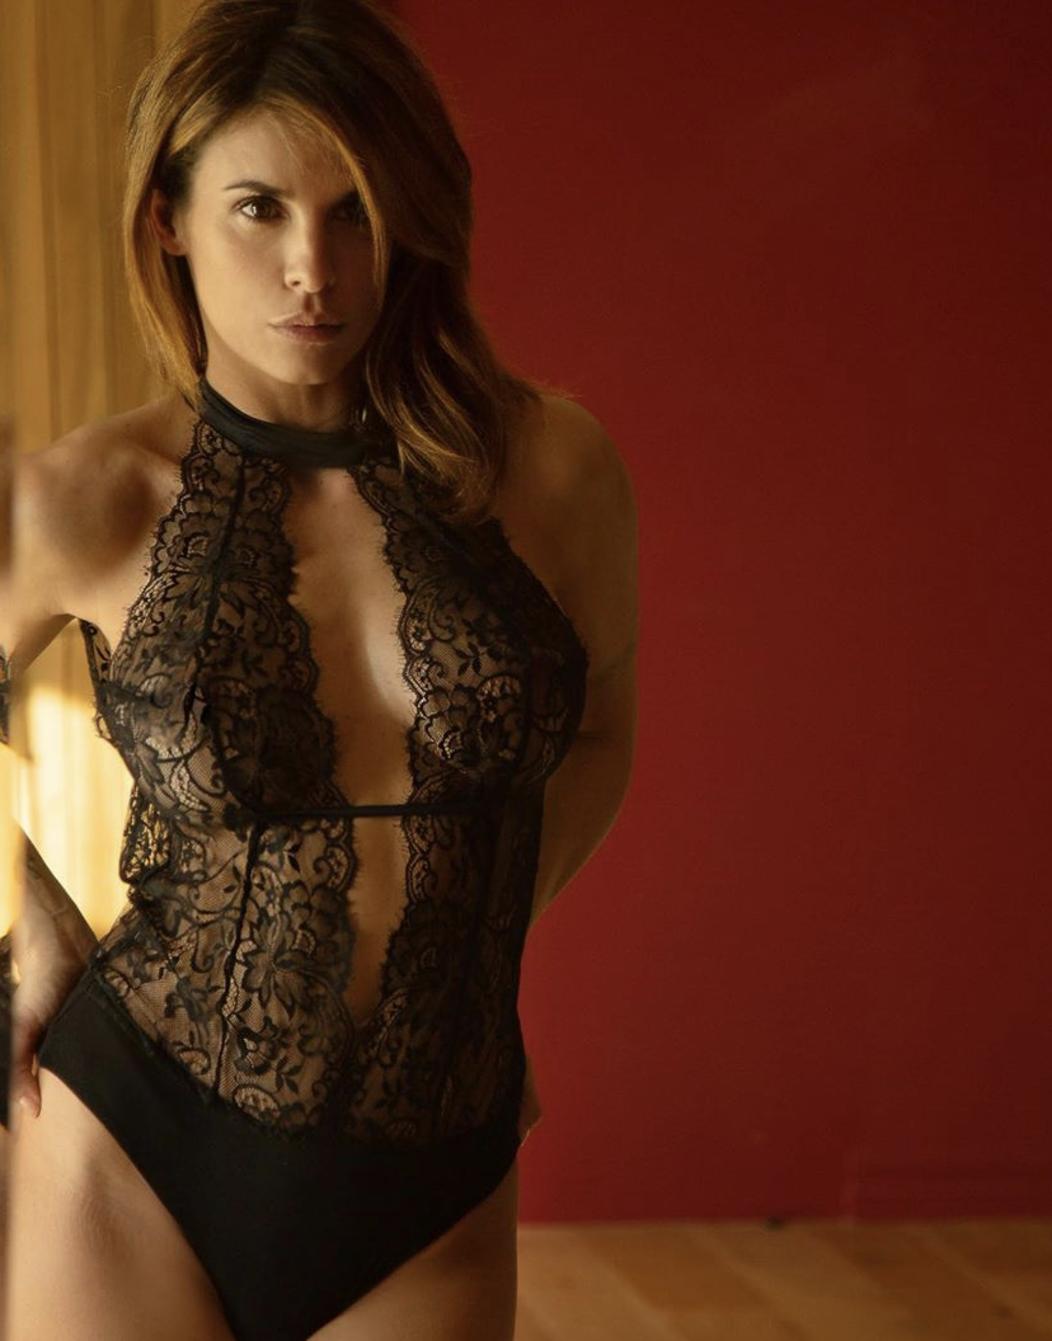 Elisabetta Canalis in trasparenze di pizzo nero per San Valentino